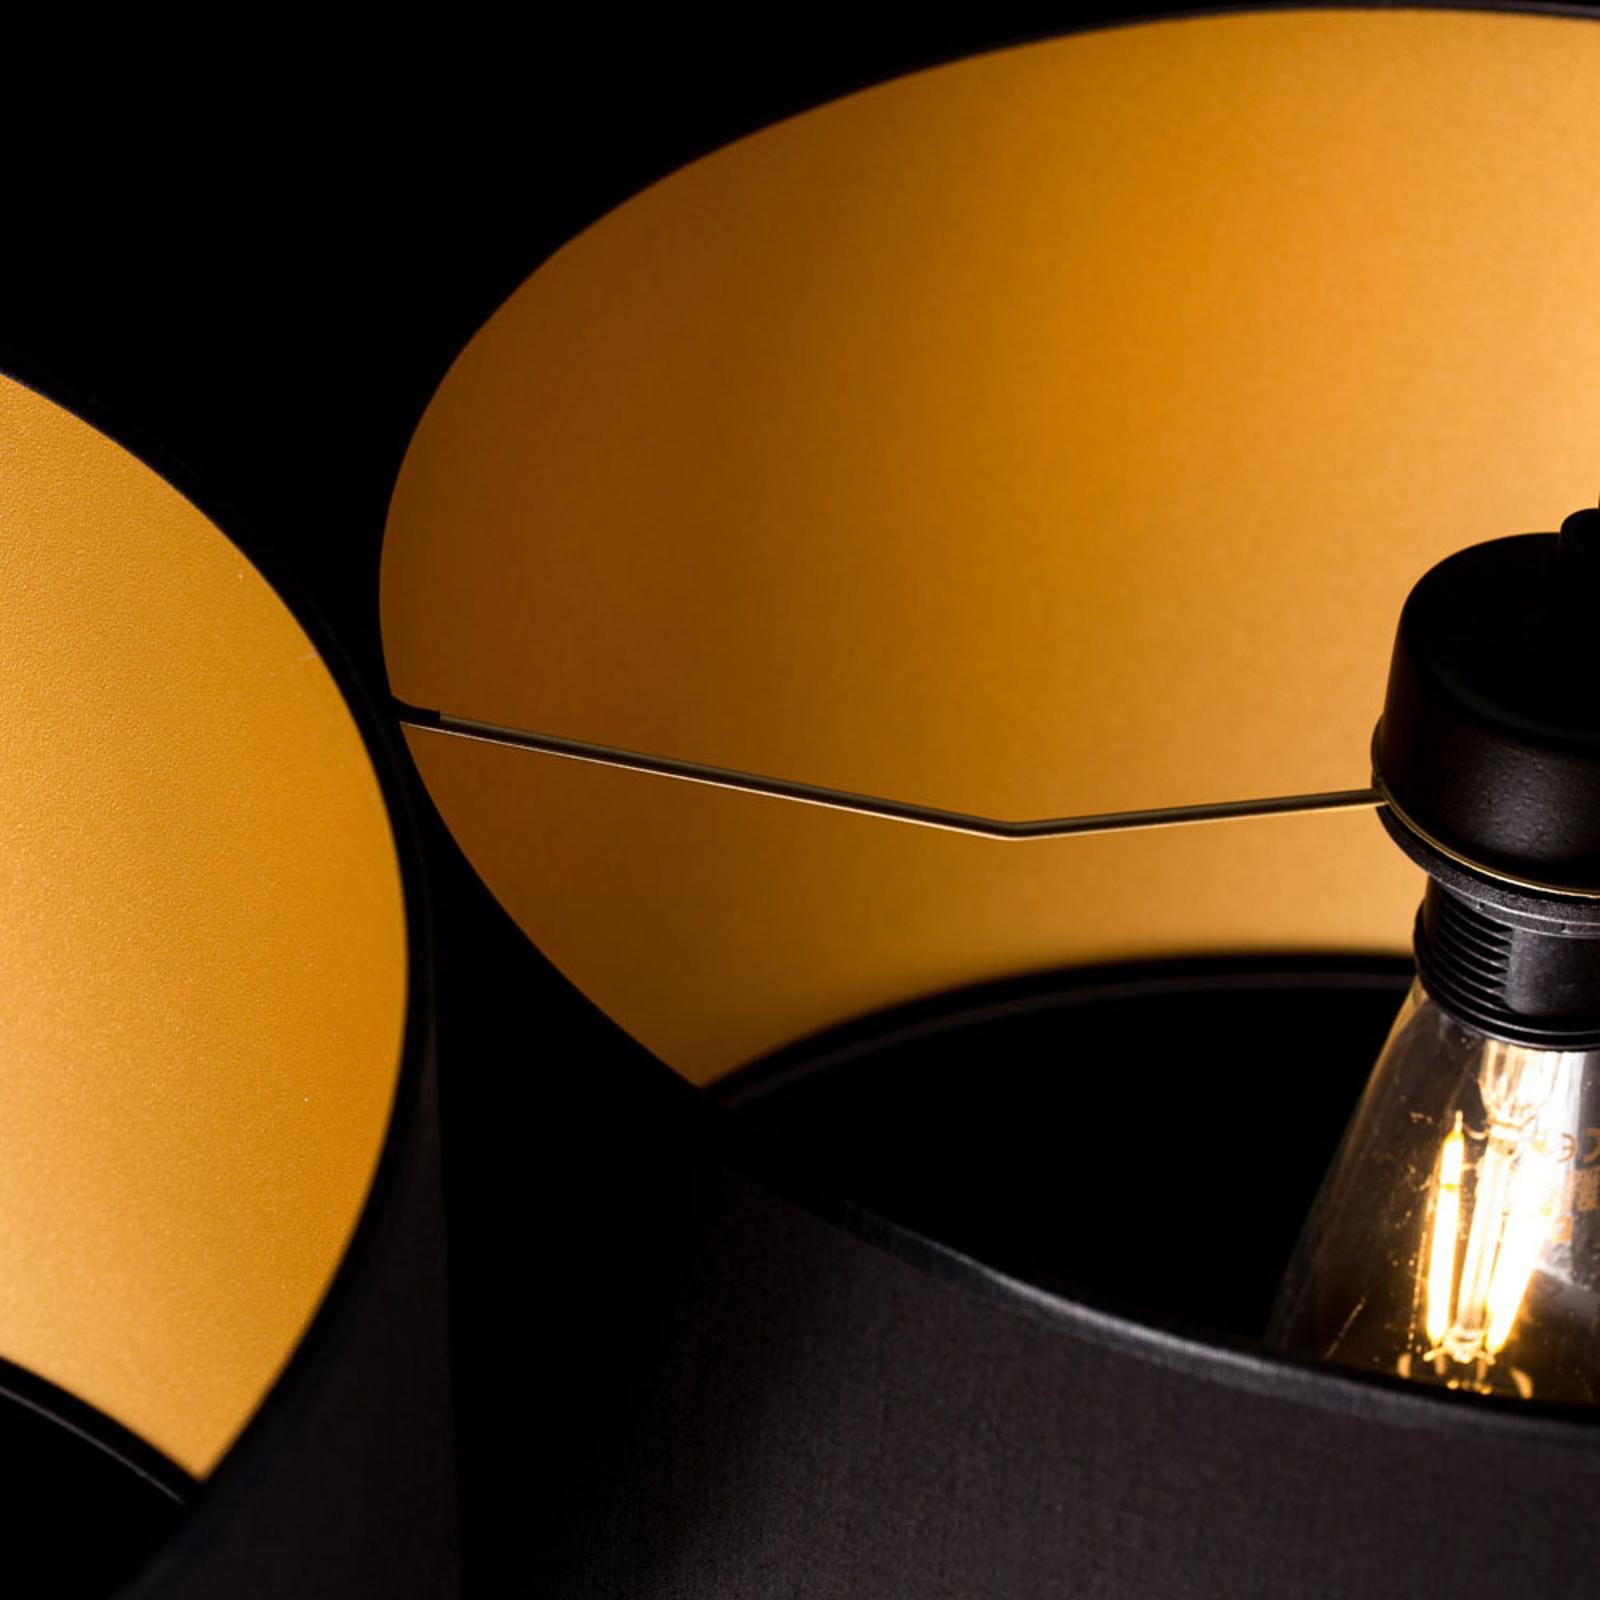 Hanglamp Roto 2 in zwart, kappen binnen goud